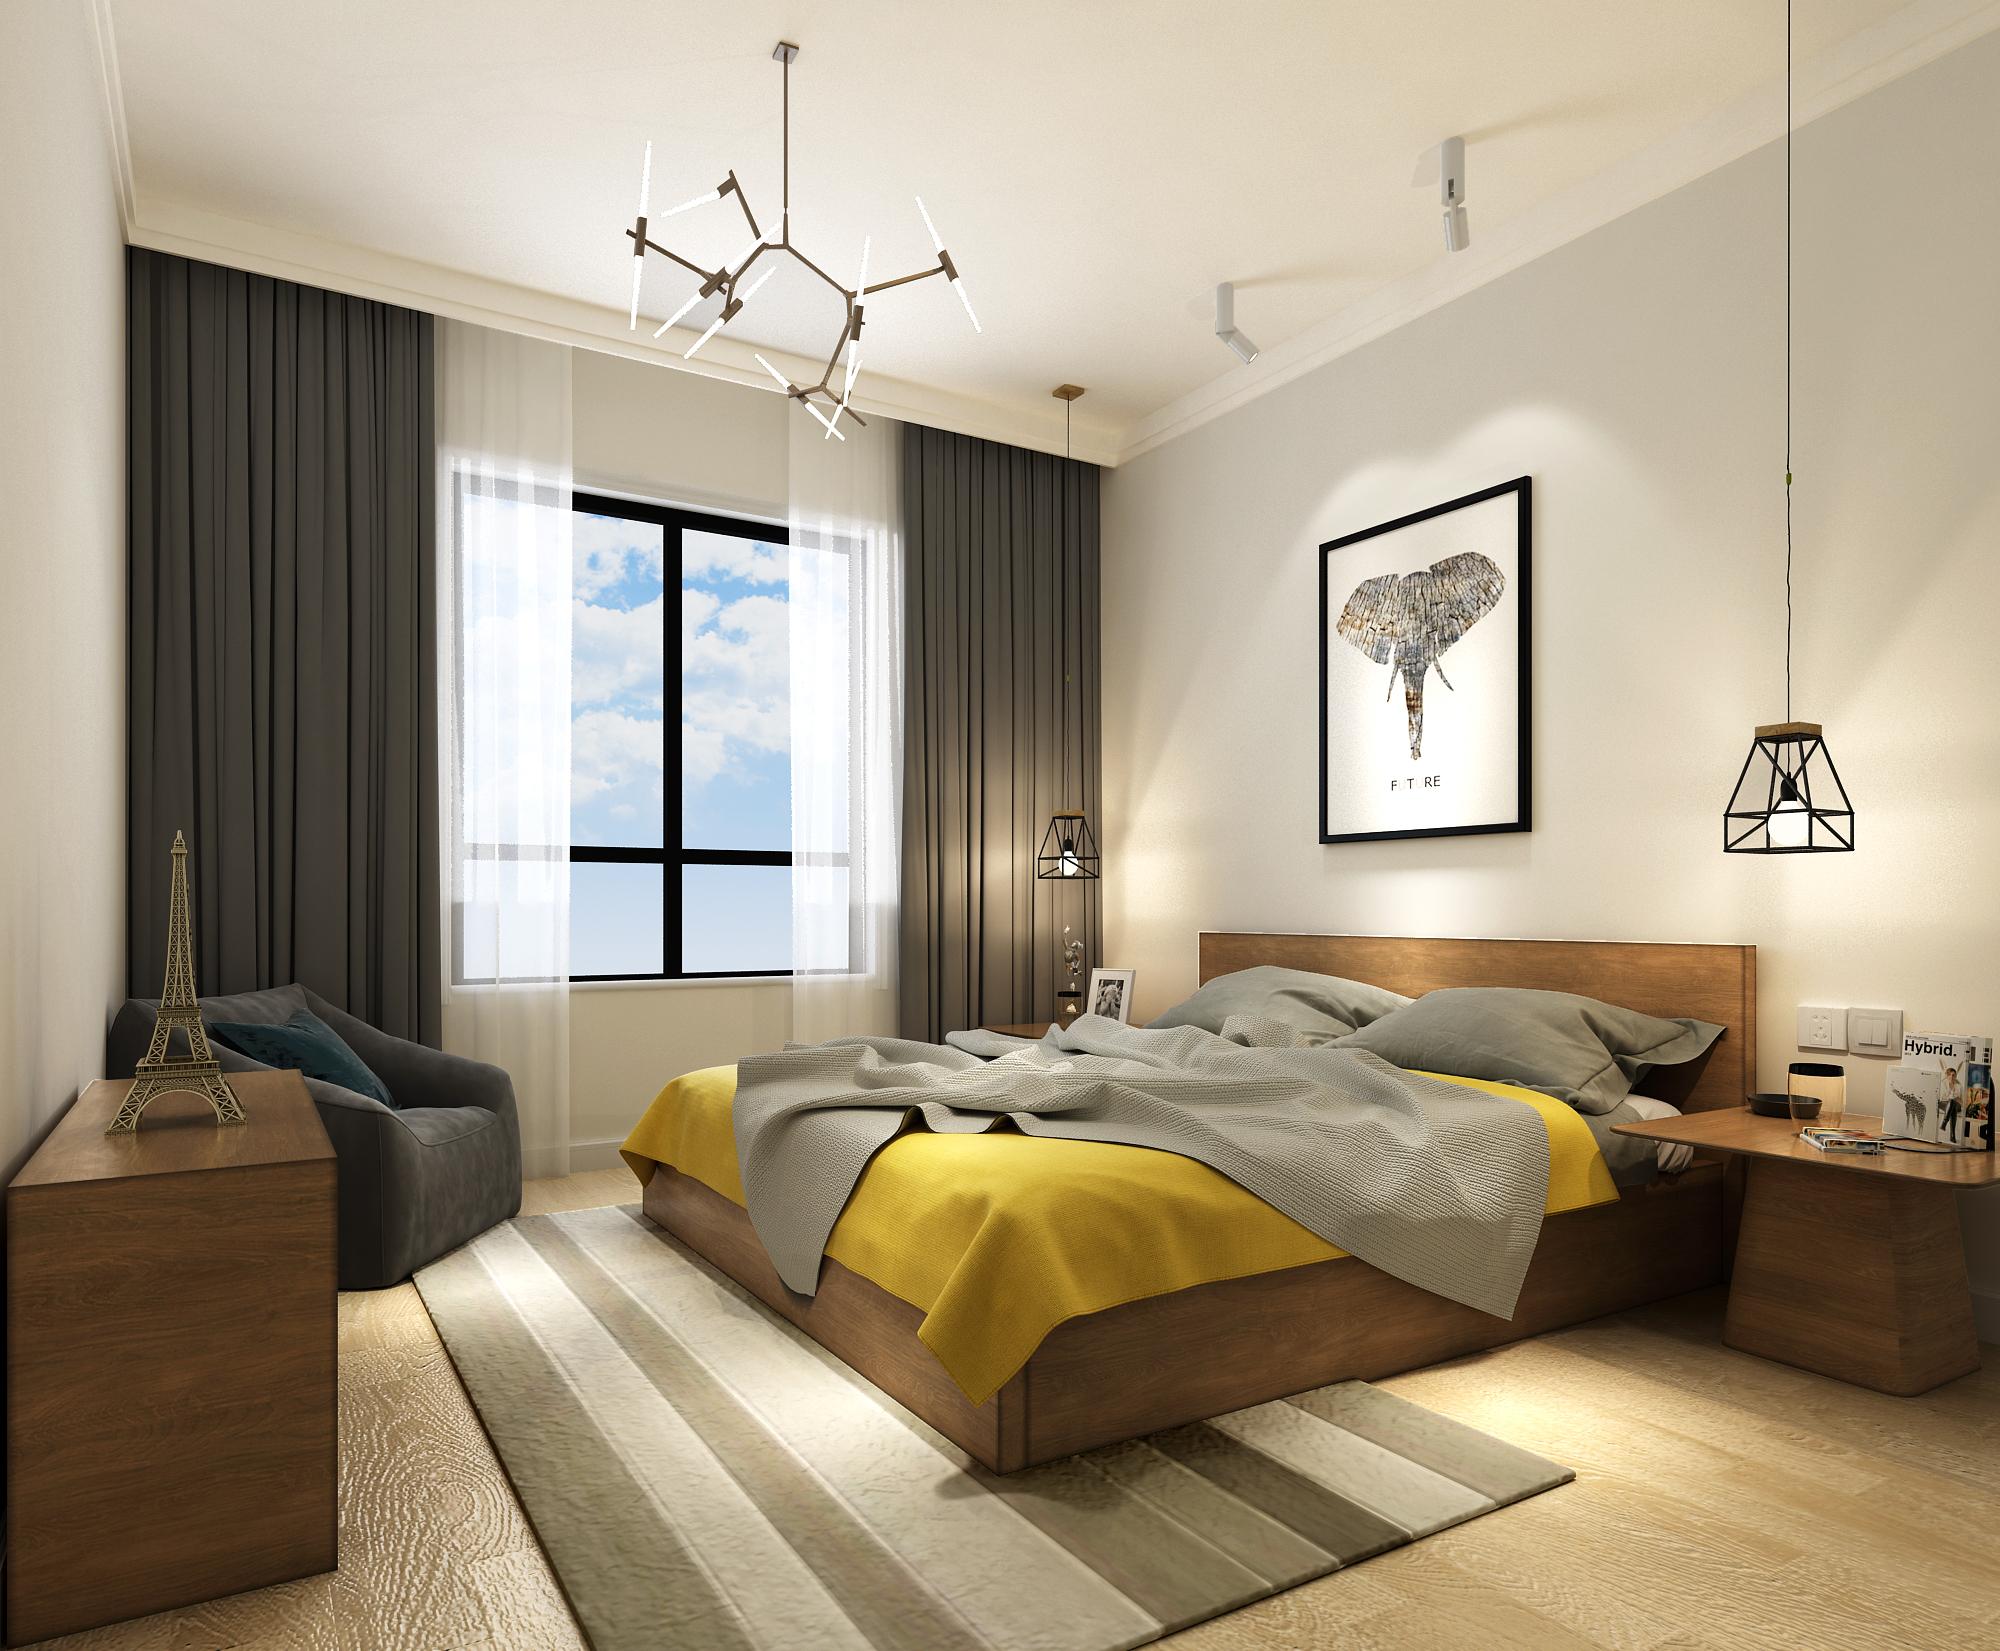 简约二居北欧现代卧室装修效果图片_装修美图-新浪家居图片